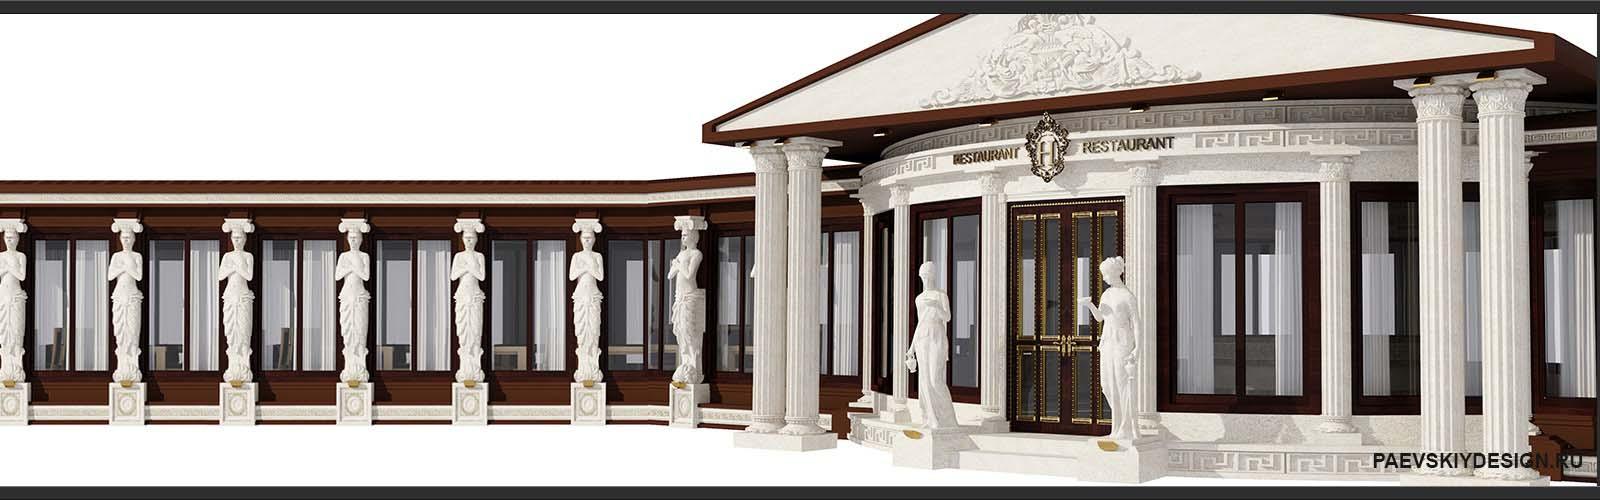 Концепция оформления и дизайн экстерьера здания